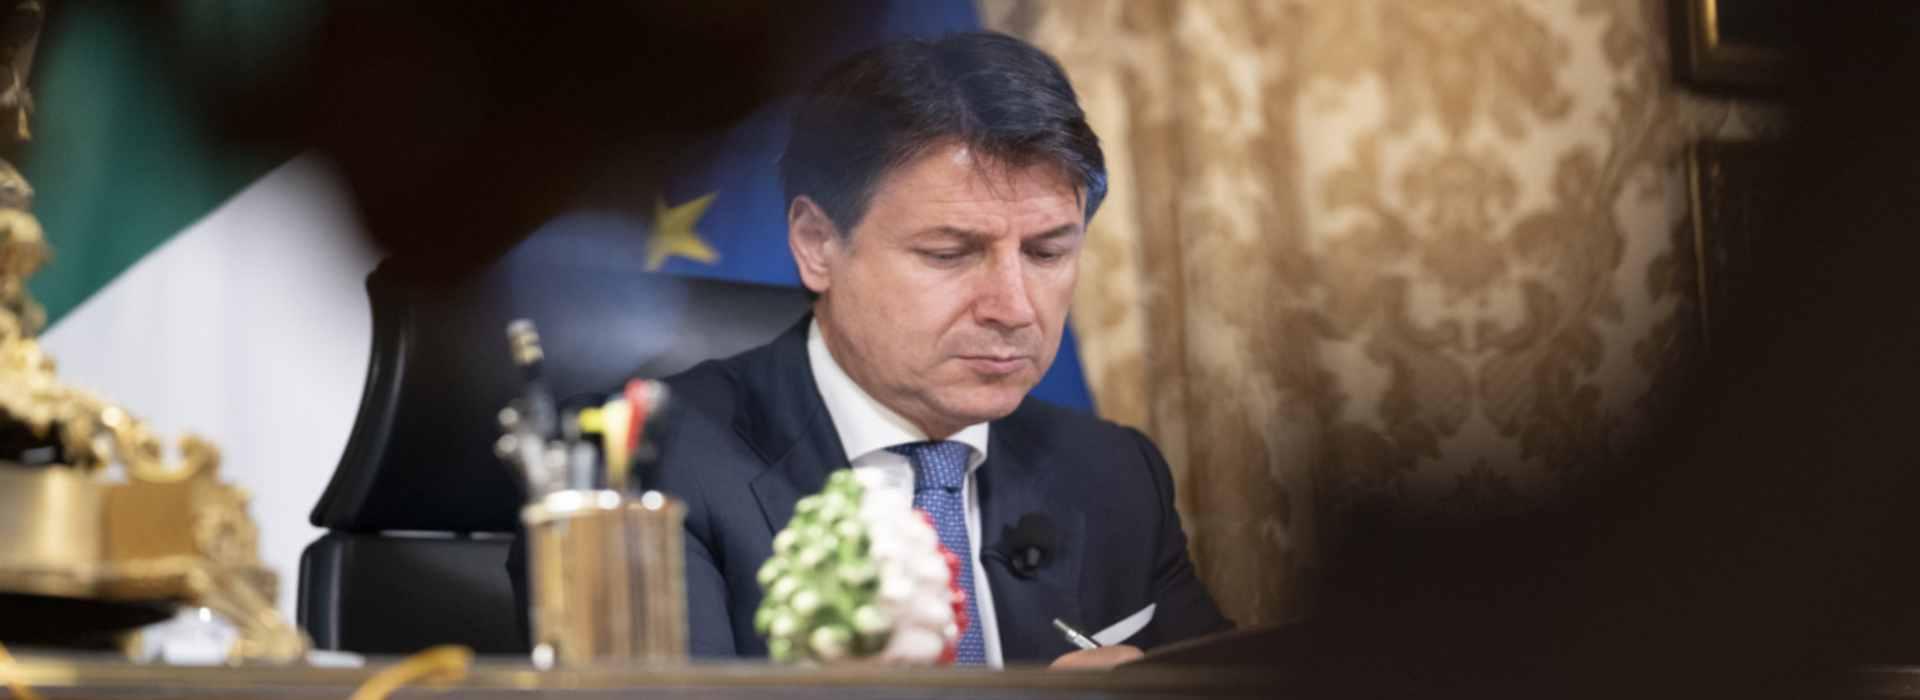 Crisi di governo: la lenta salita di Conte al Colle